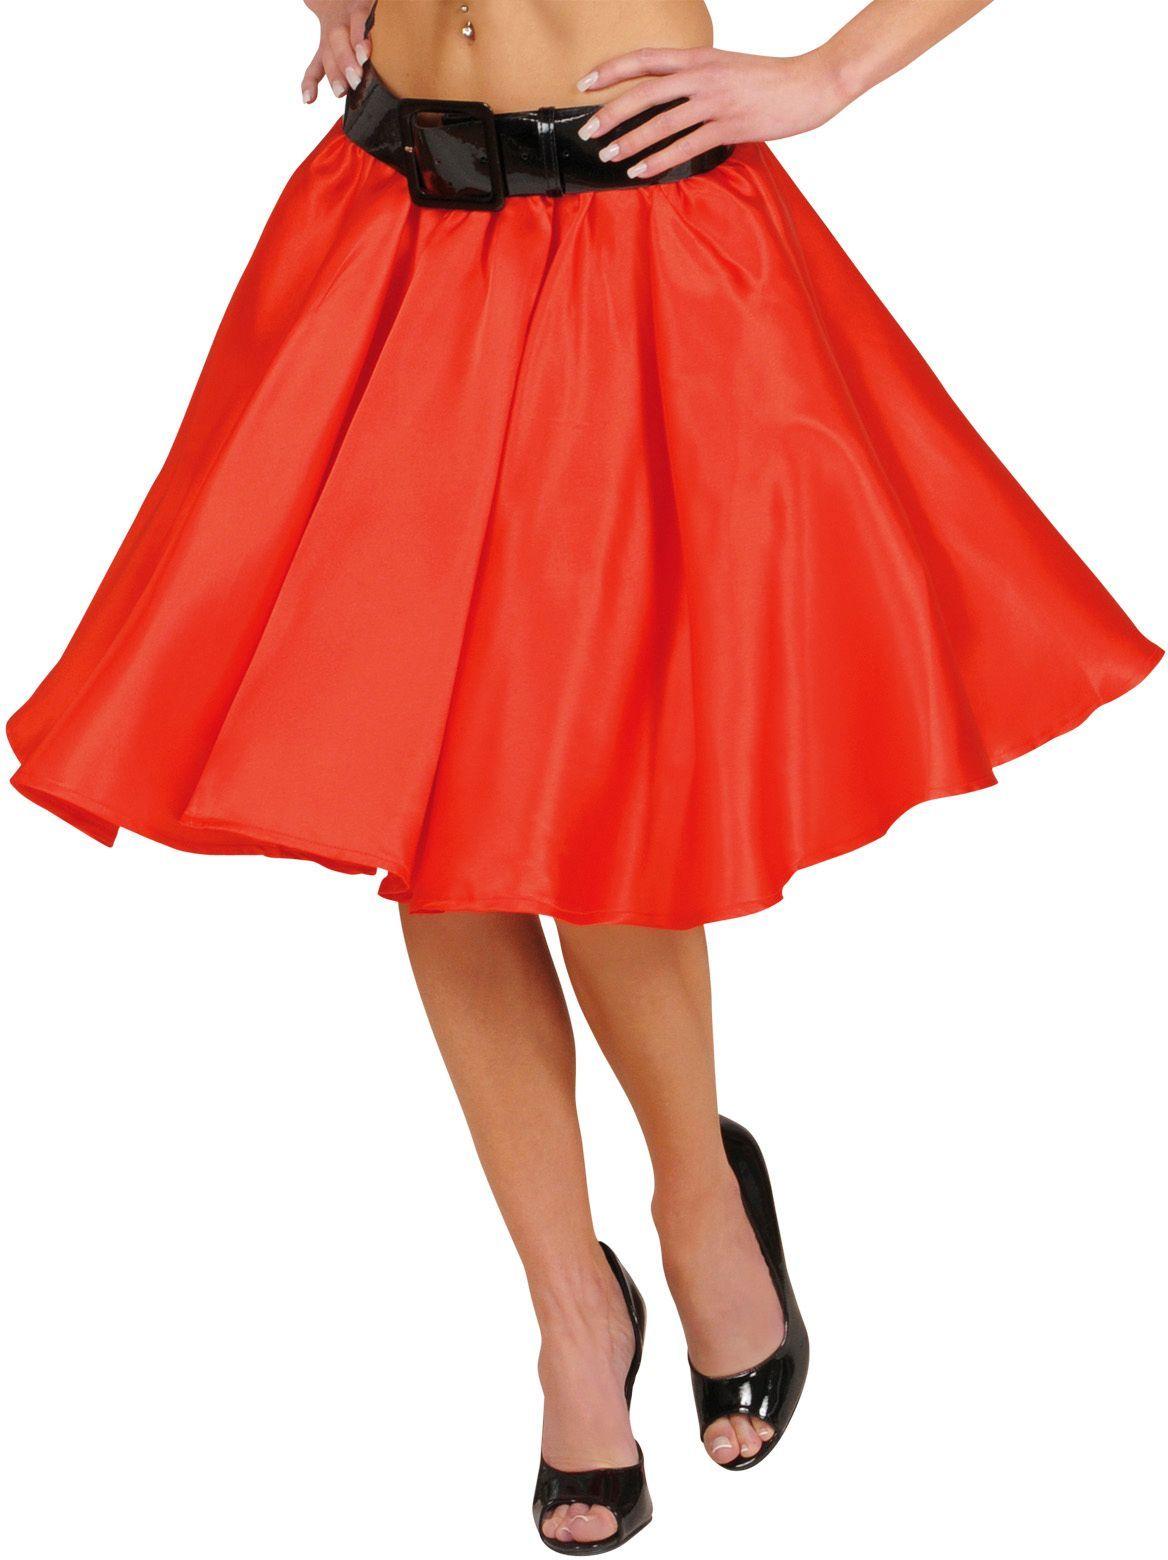 Rode satijnen rokje met petticoat